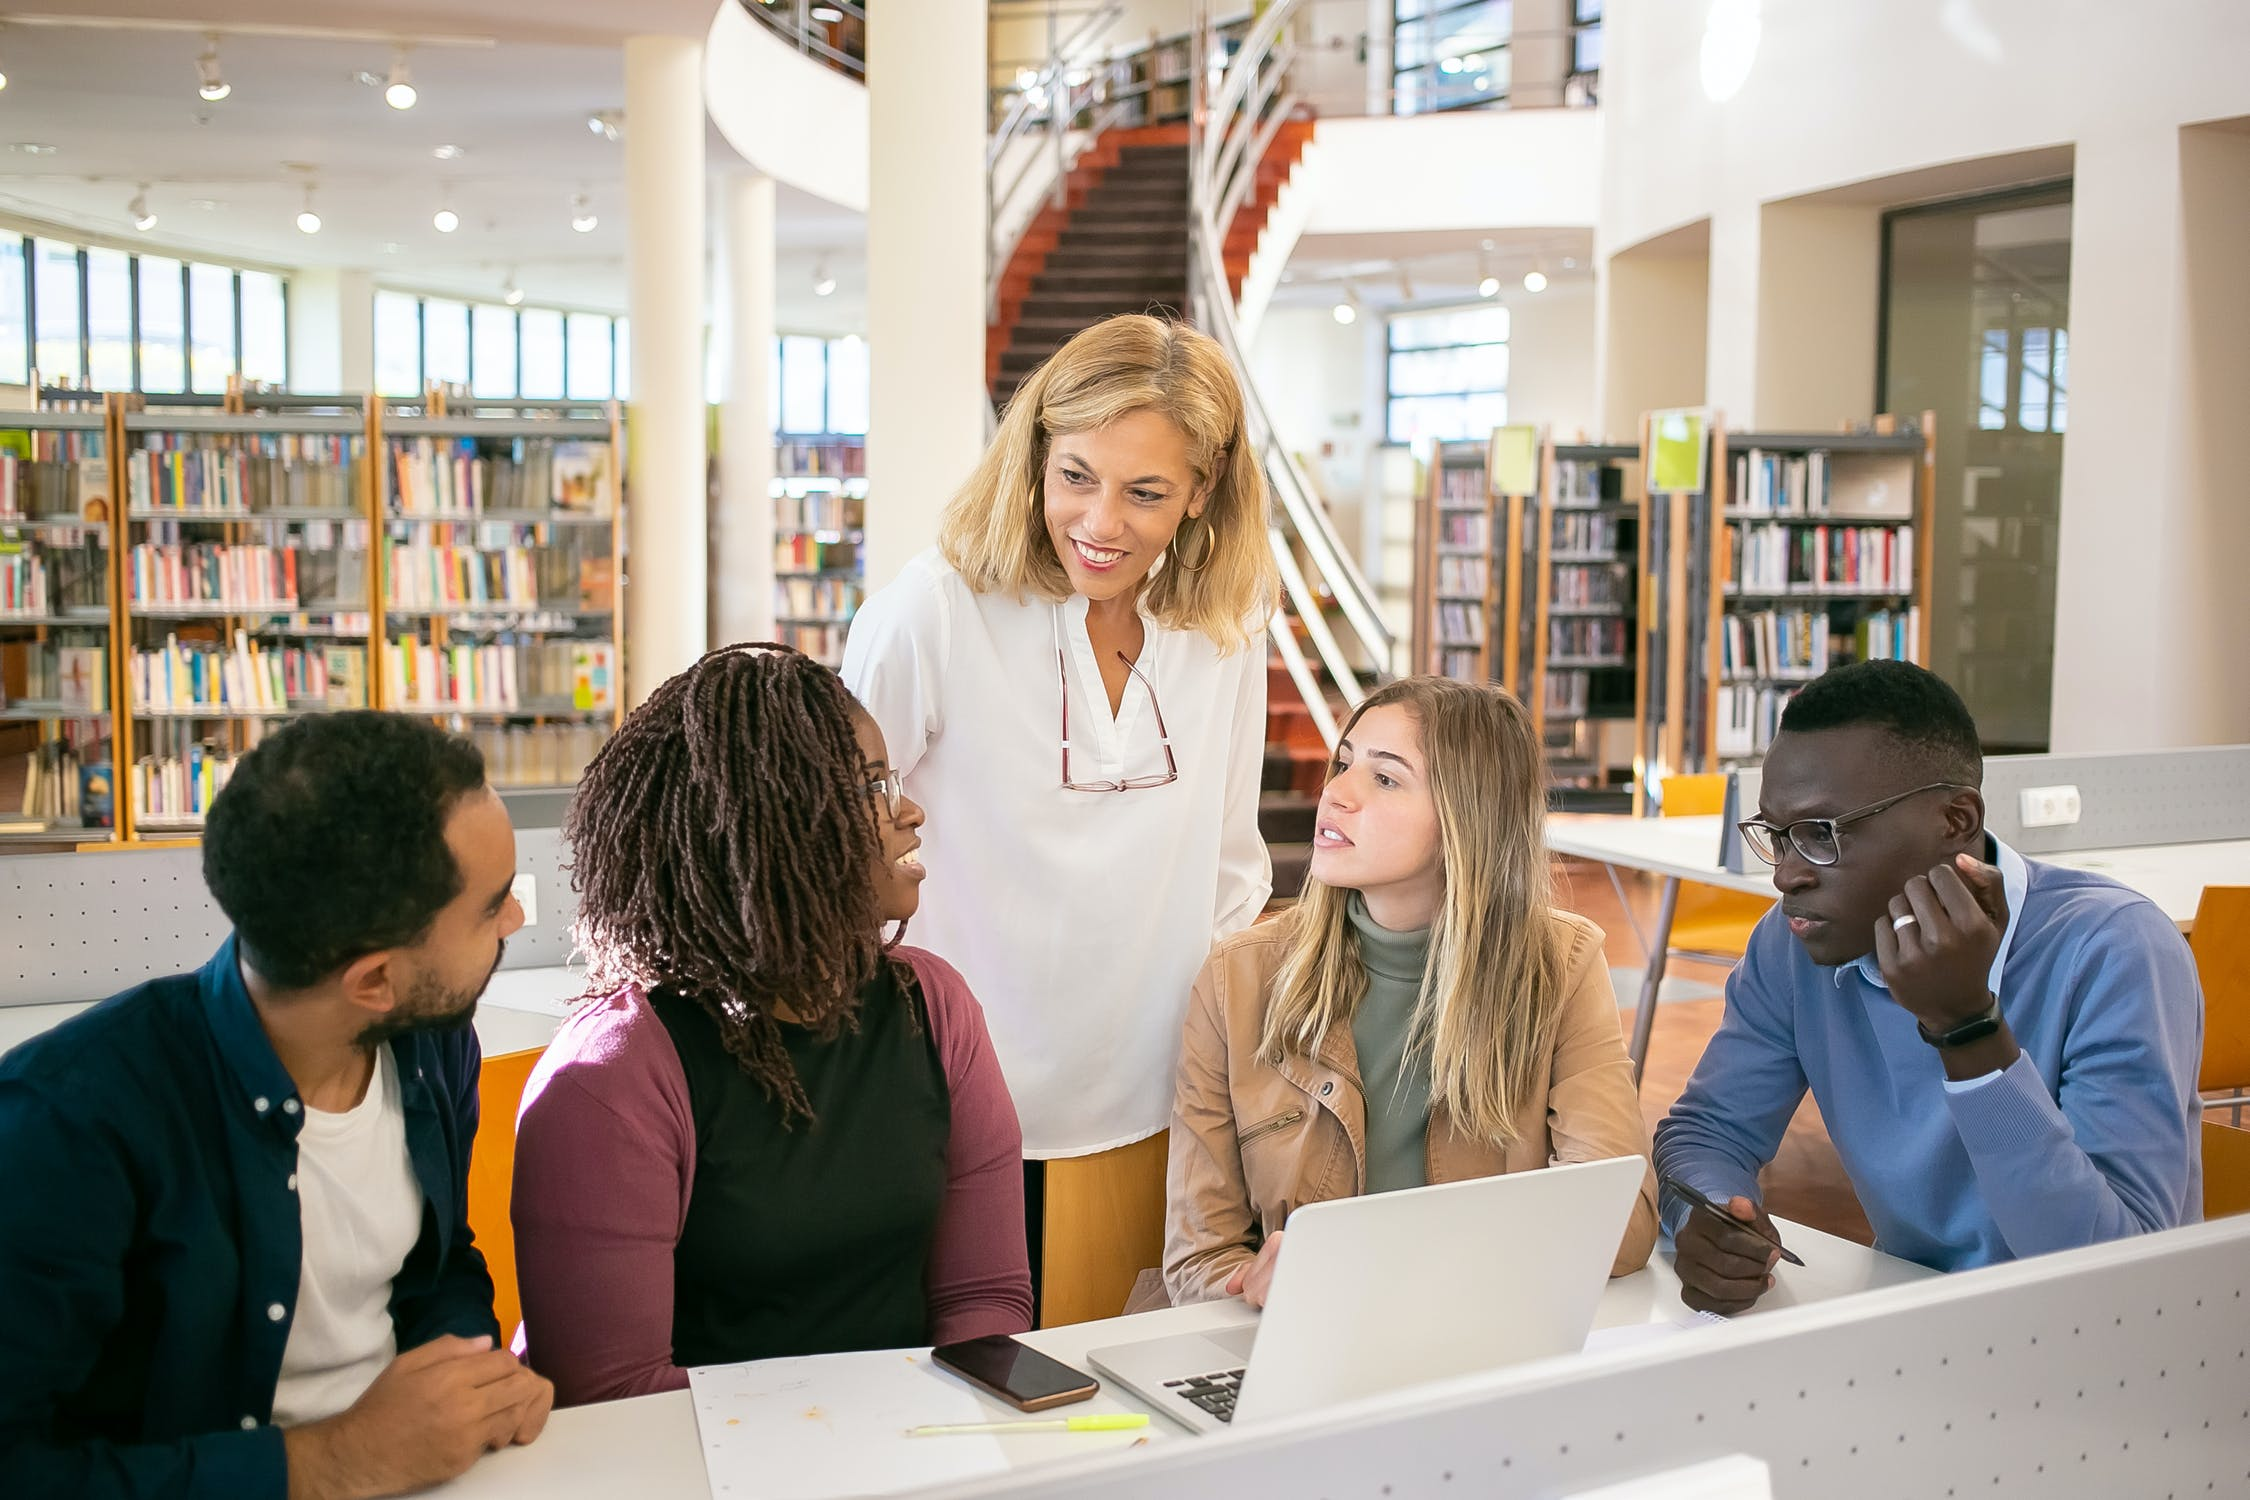 Gezocht: Informatiespecialisten lerarenopleidingen